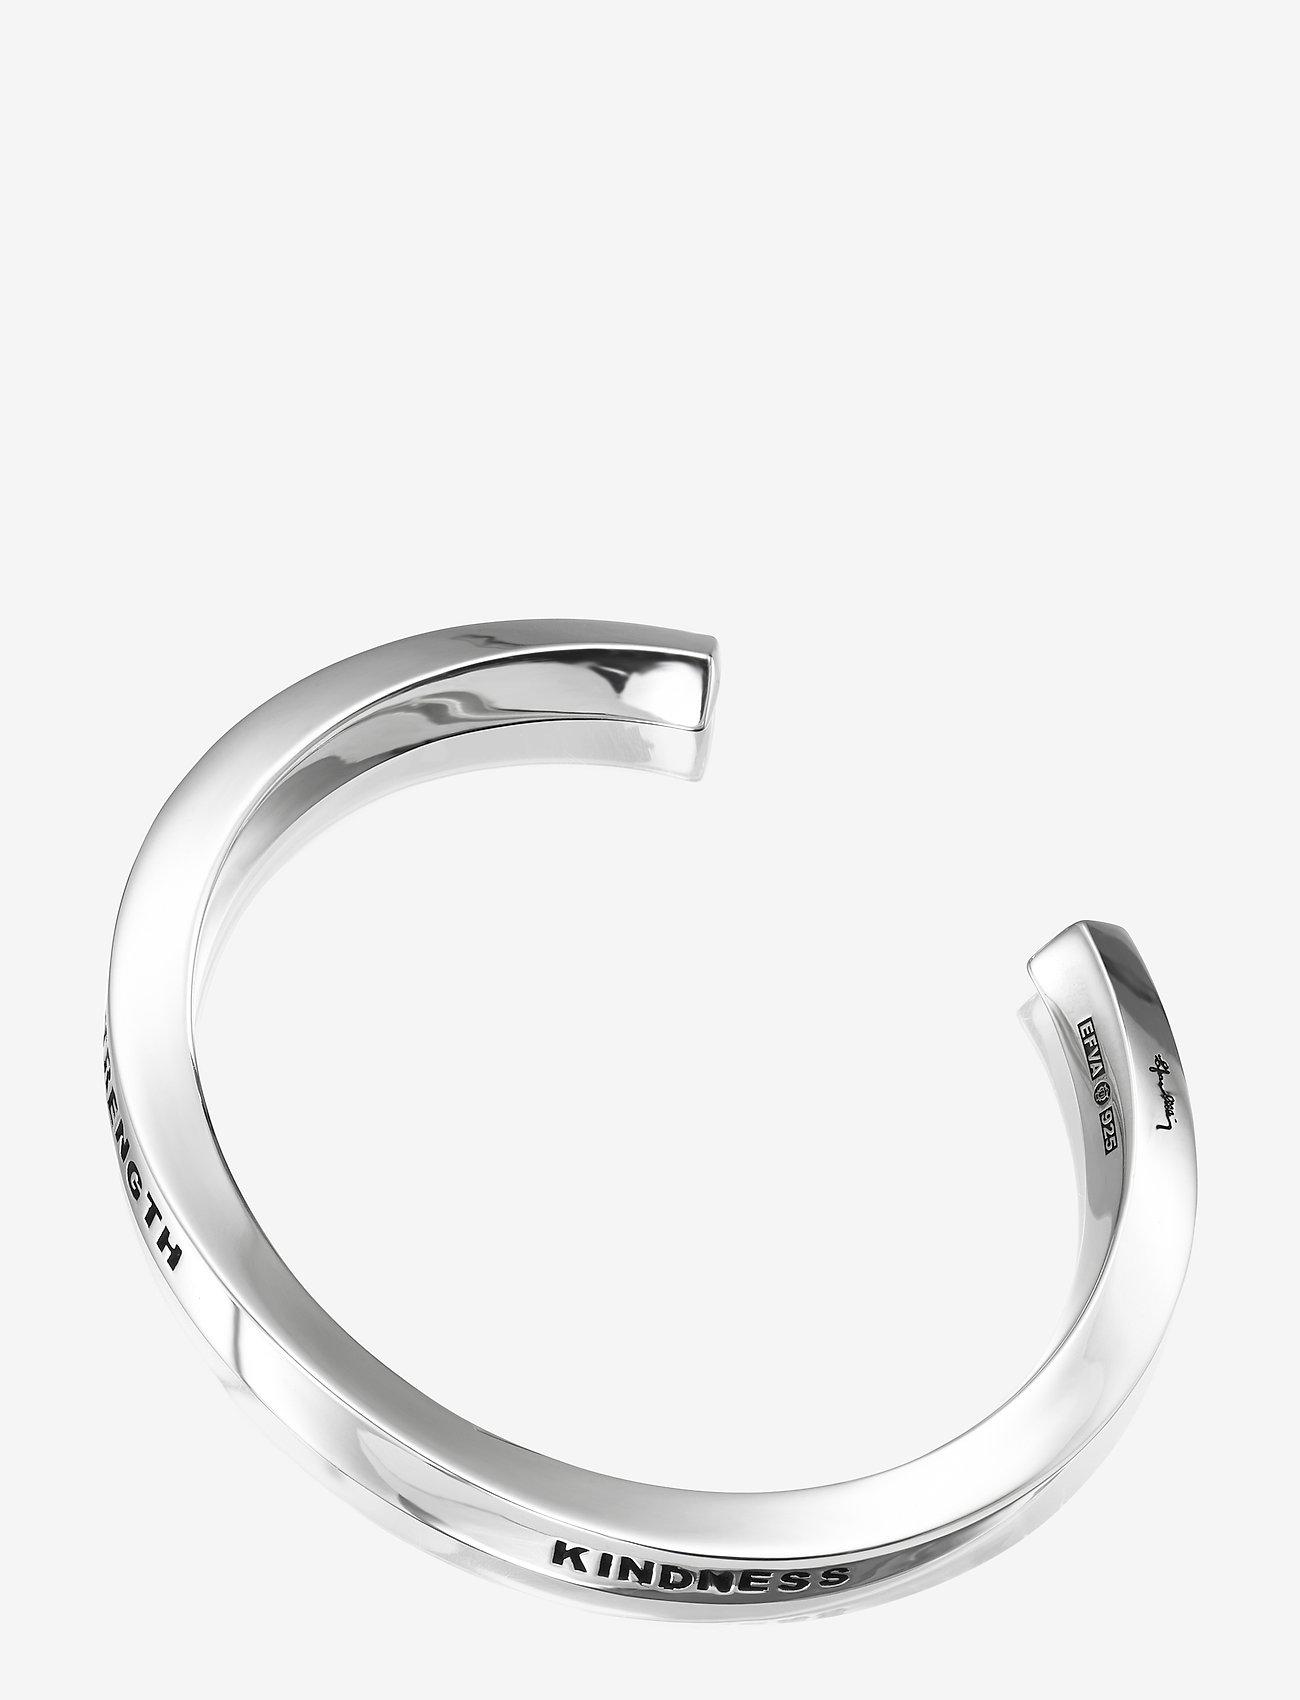 Efva Attling - Strength & Kindness Cuff - bangles - silver - 0